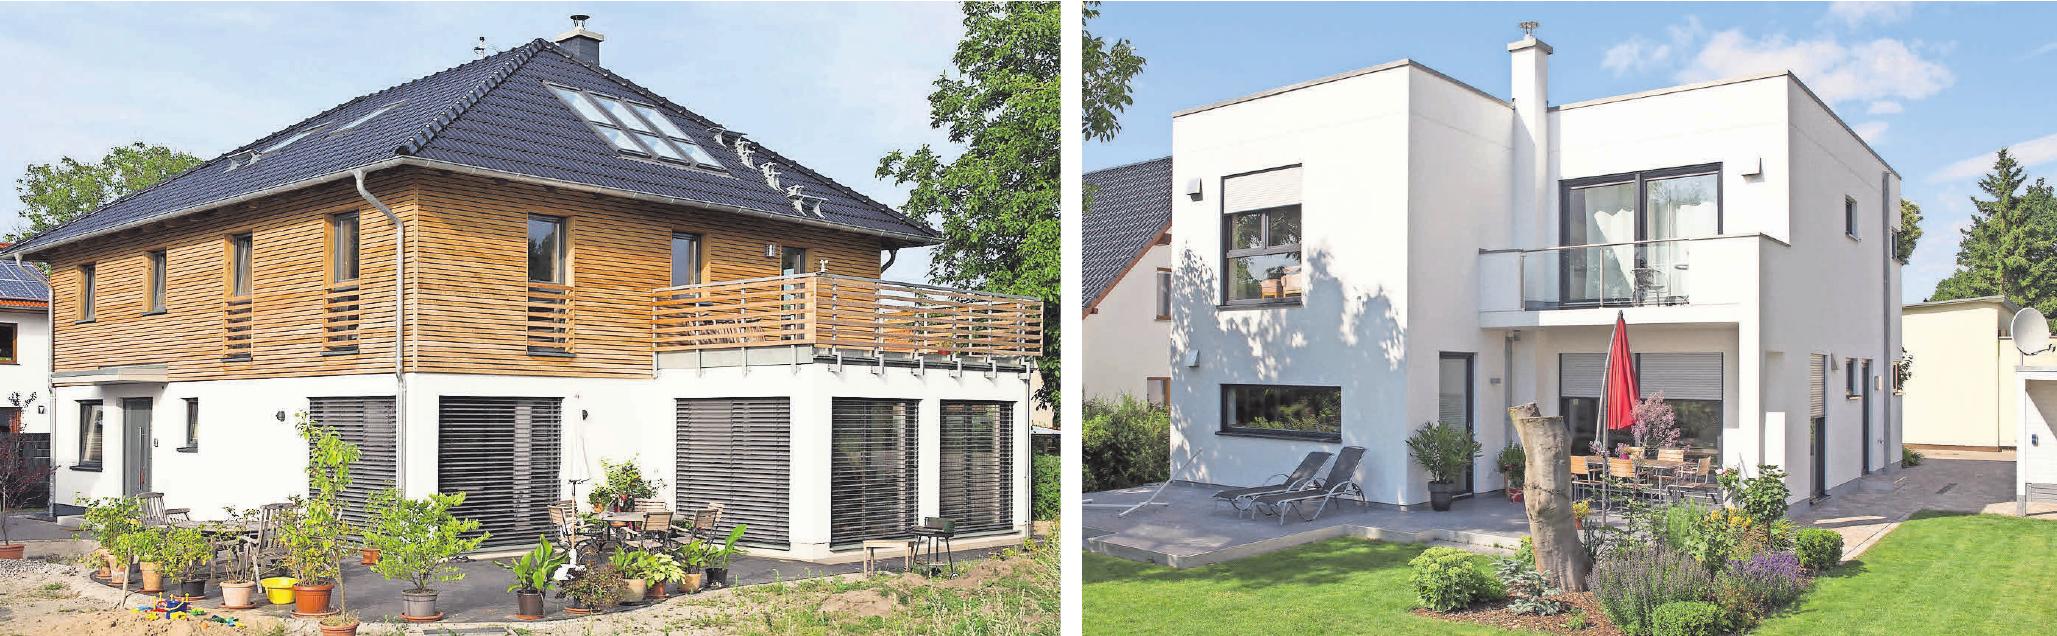 Jedes einzelne Haus – ob klassisch, romantisch oder modern – ist genau auf die Bedürfnisse der Bauherren zugeschnitten. Foto: Egner-Haus